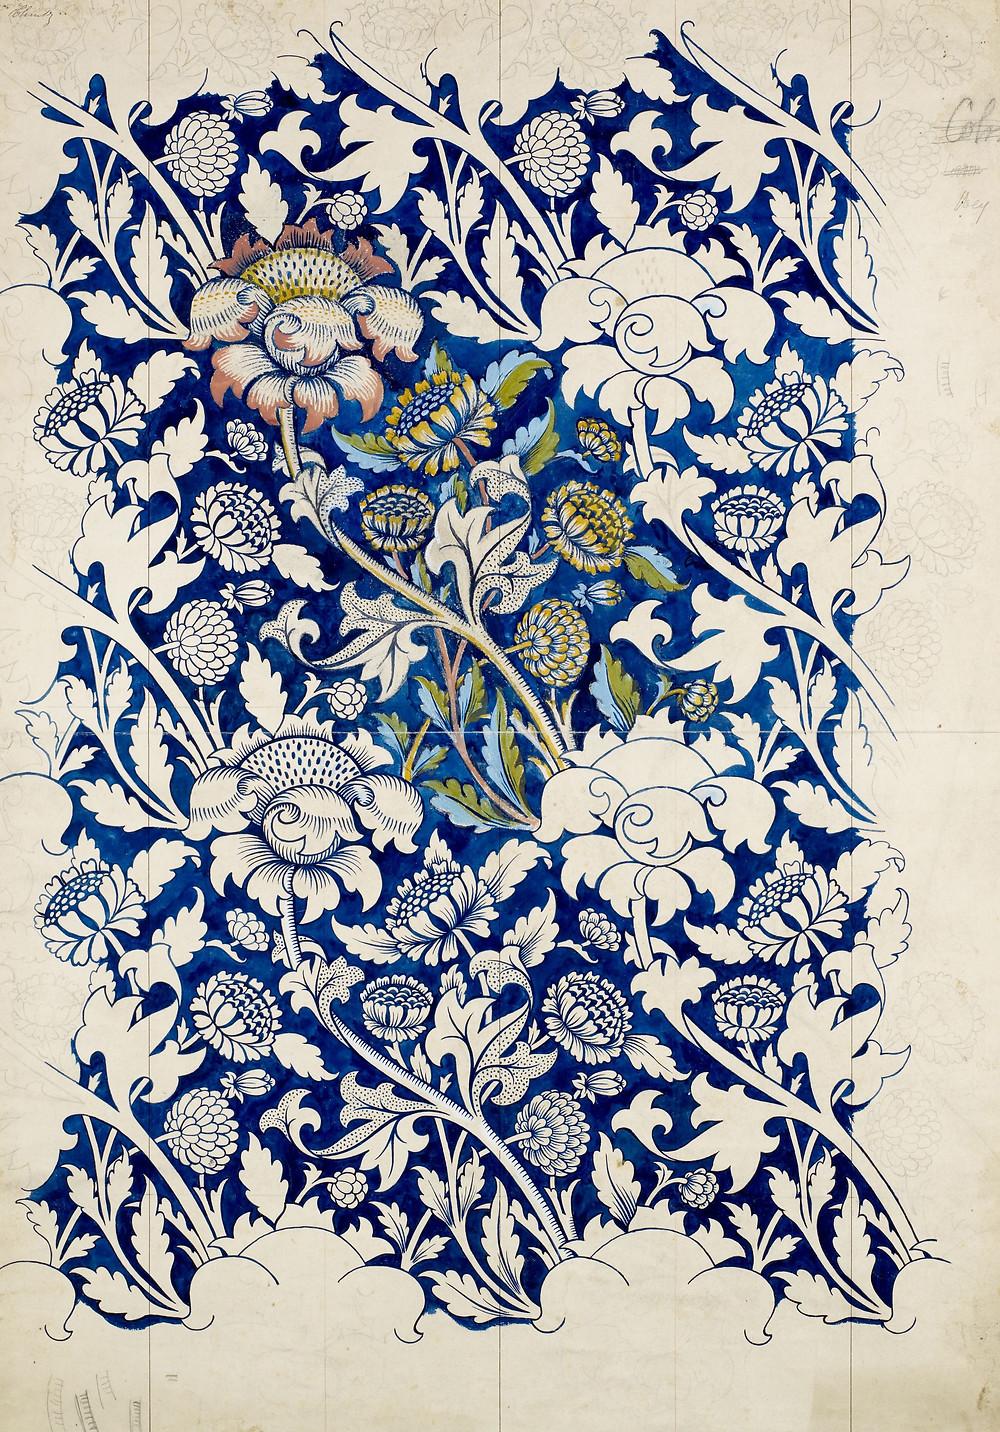 Morris wallpaper design